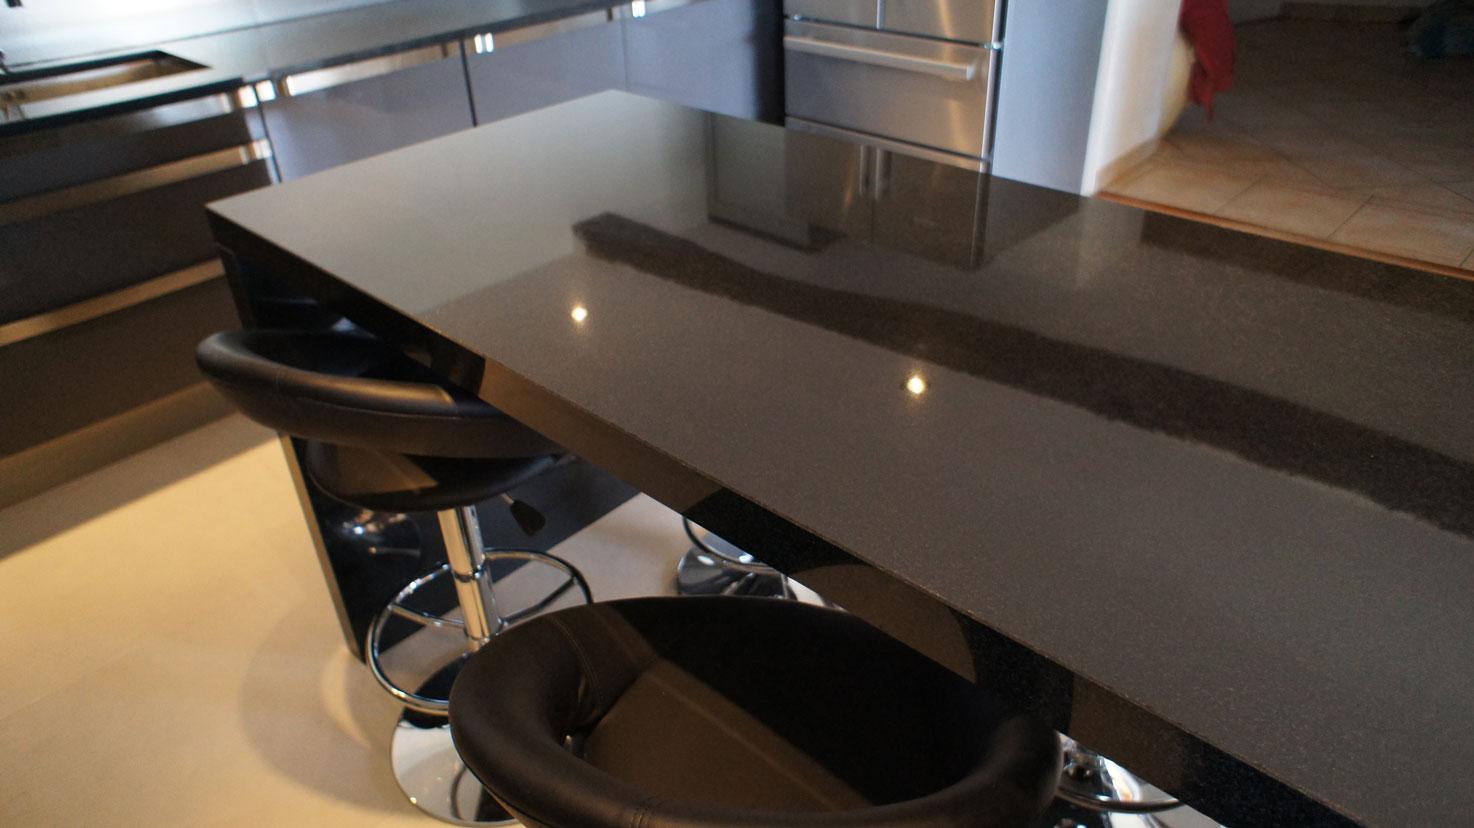 Kitchen Countertop in Black Granite6